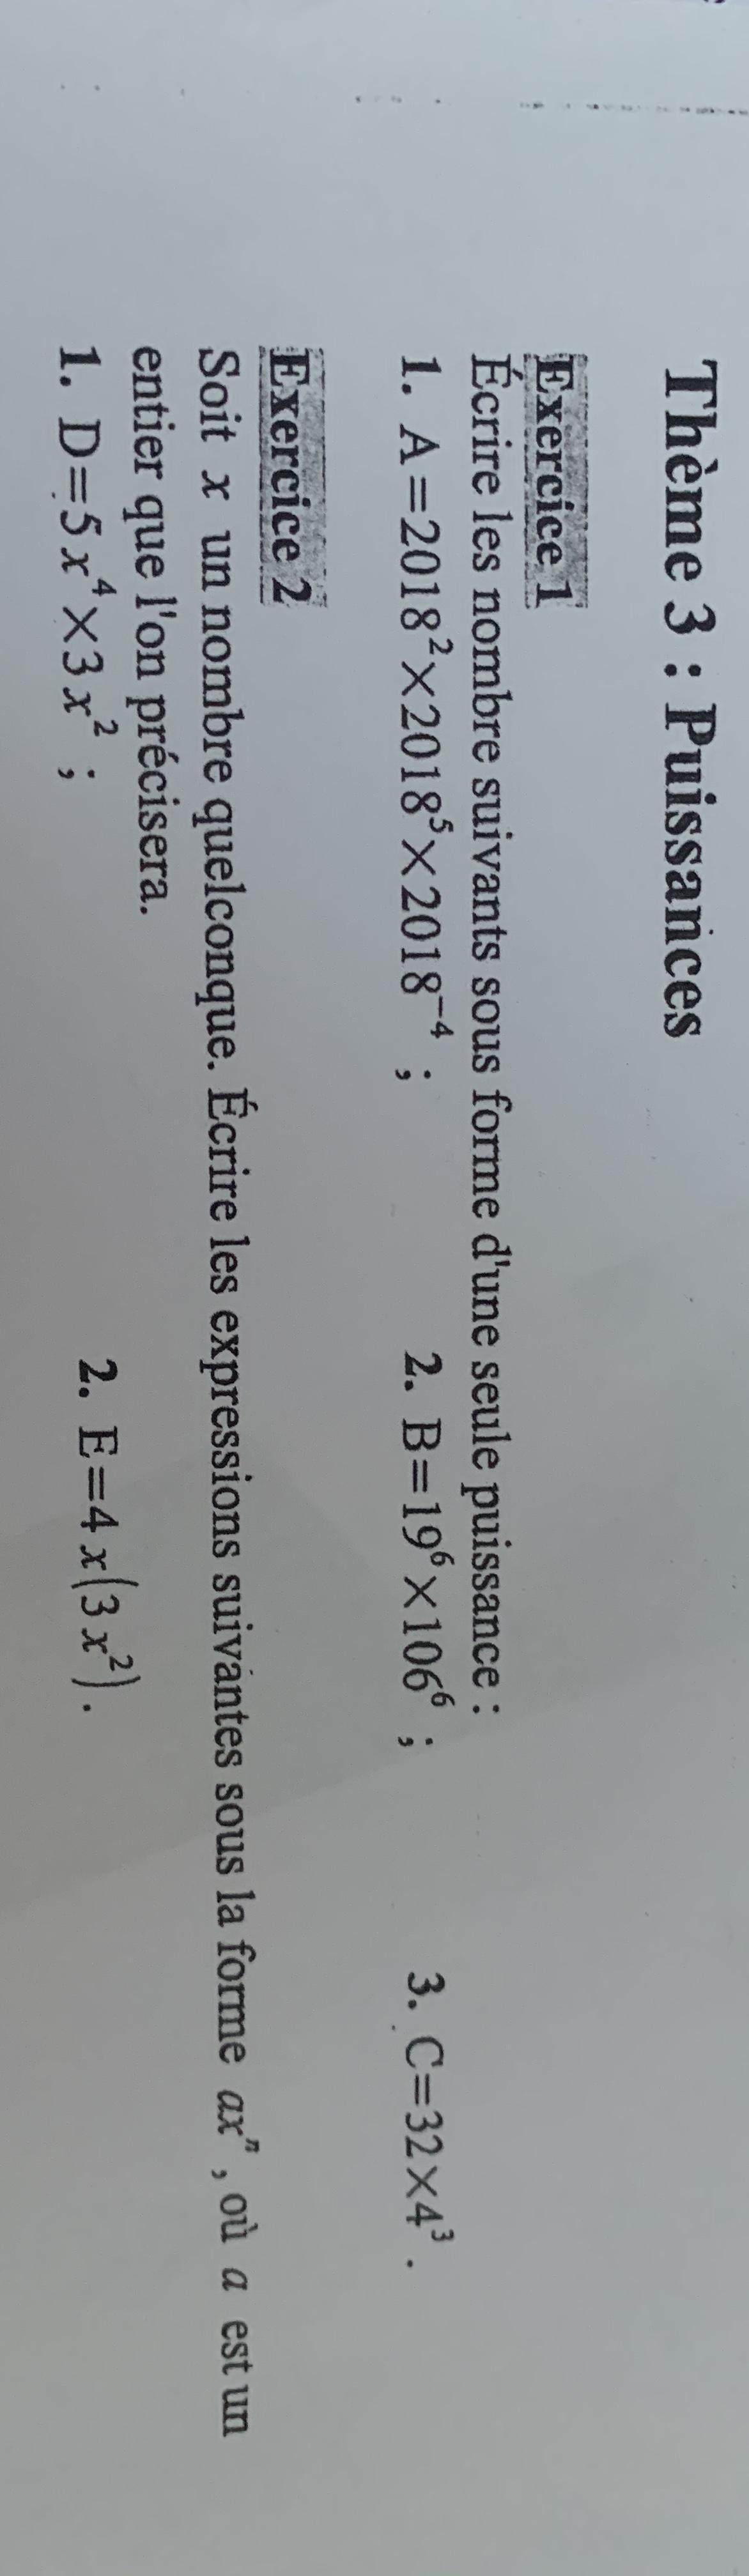 Theme 3 Puissancesexercice 1ecrire Les Nombre Suivants Sous Forme D Une Seule Puissance 1 Nosdevoirs Fr